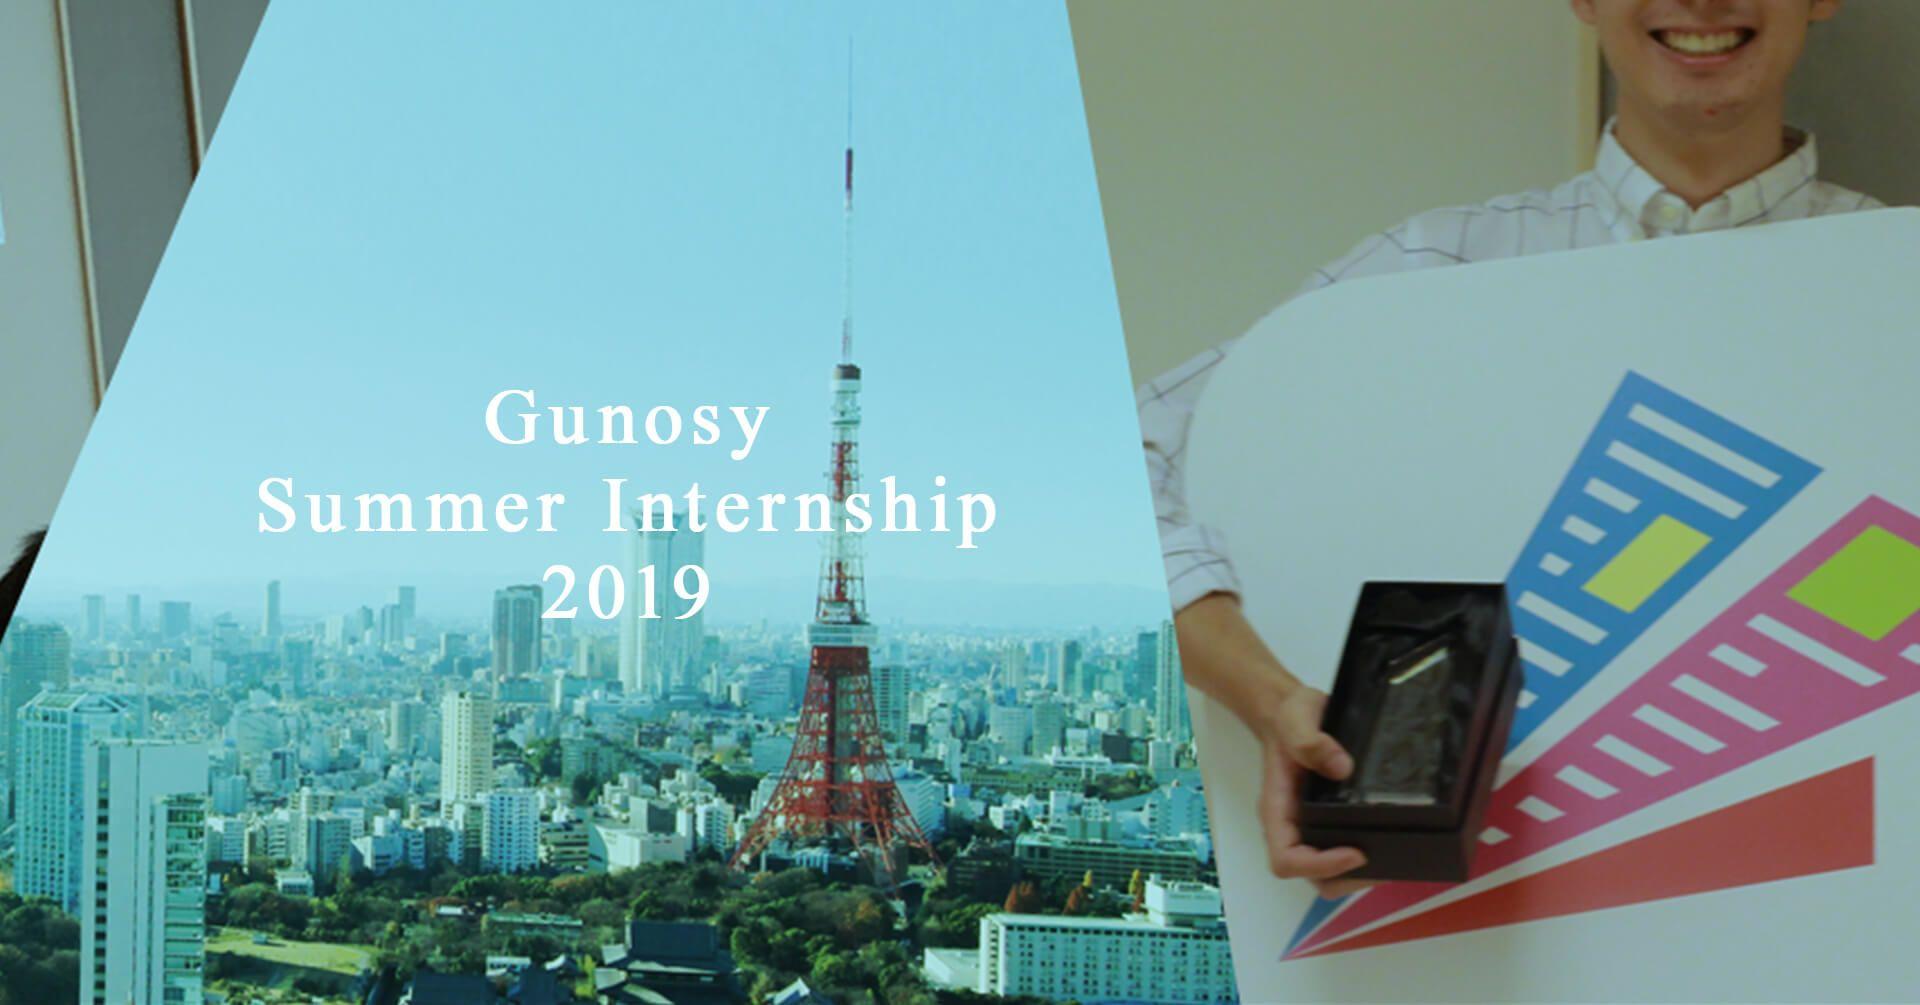 Gunosy Summer Internship 2019 開催!